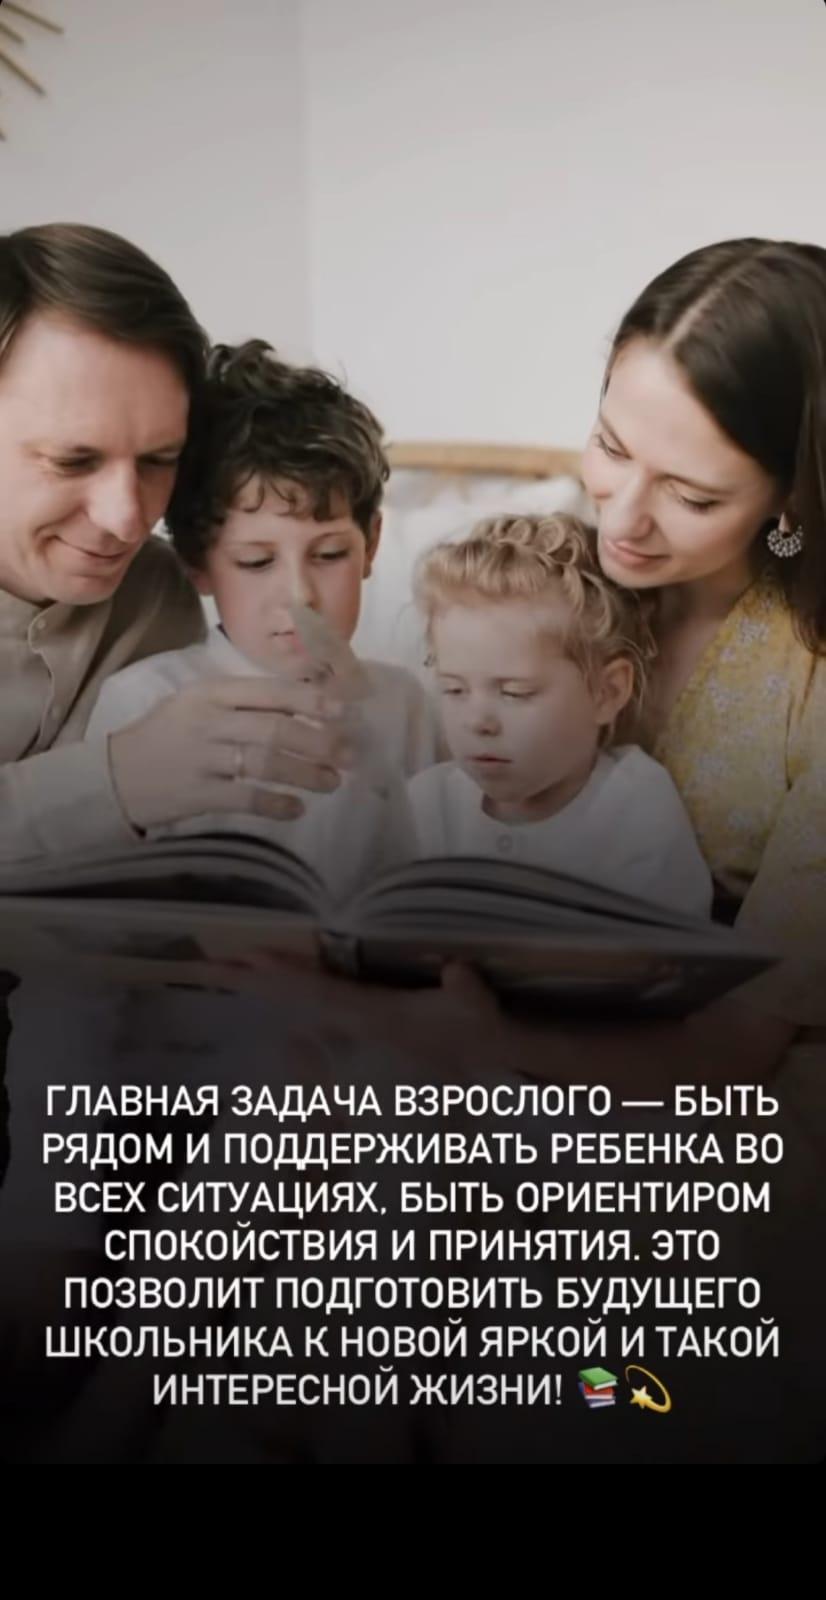 WhatsApp Image 2021-08-18 at 15.50.11 (1)